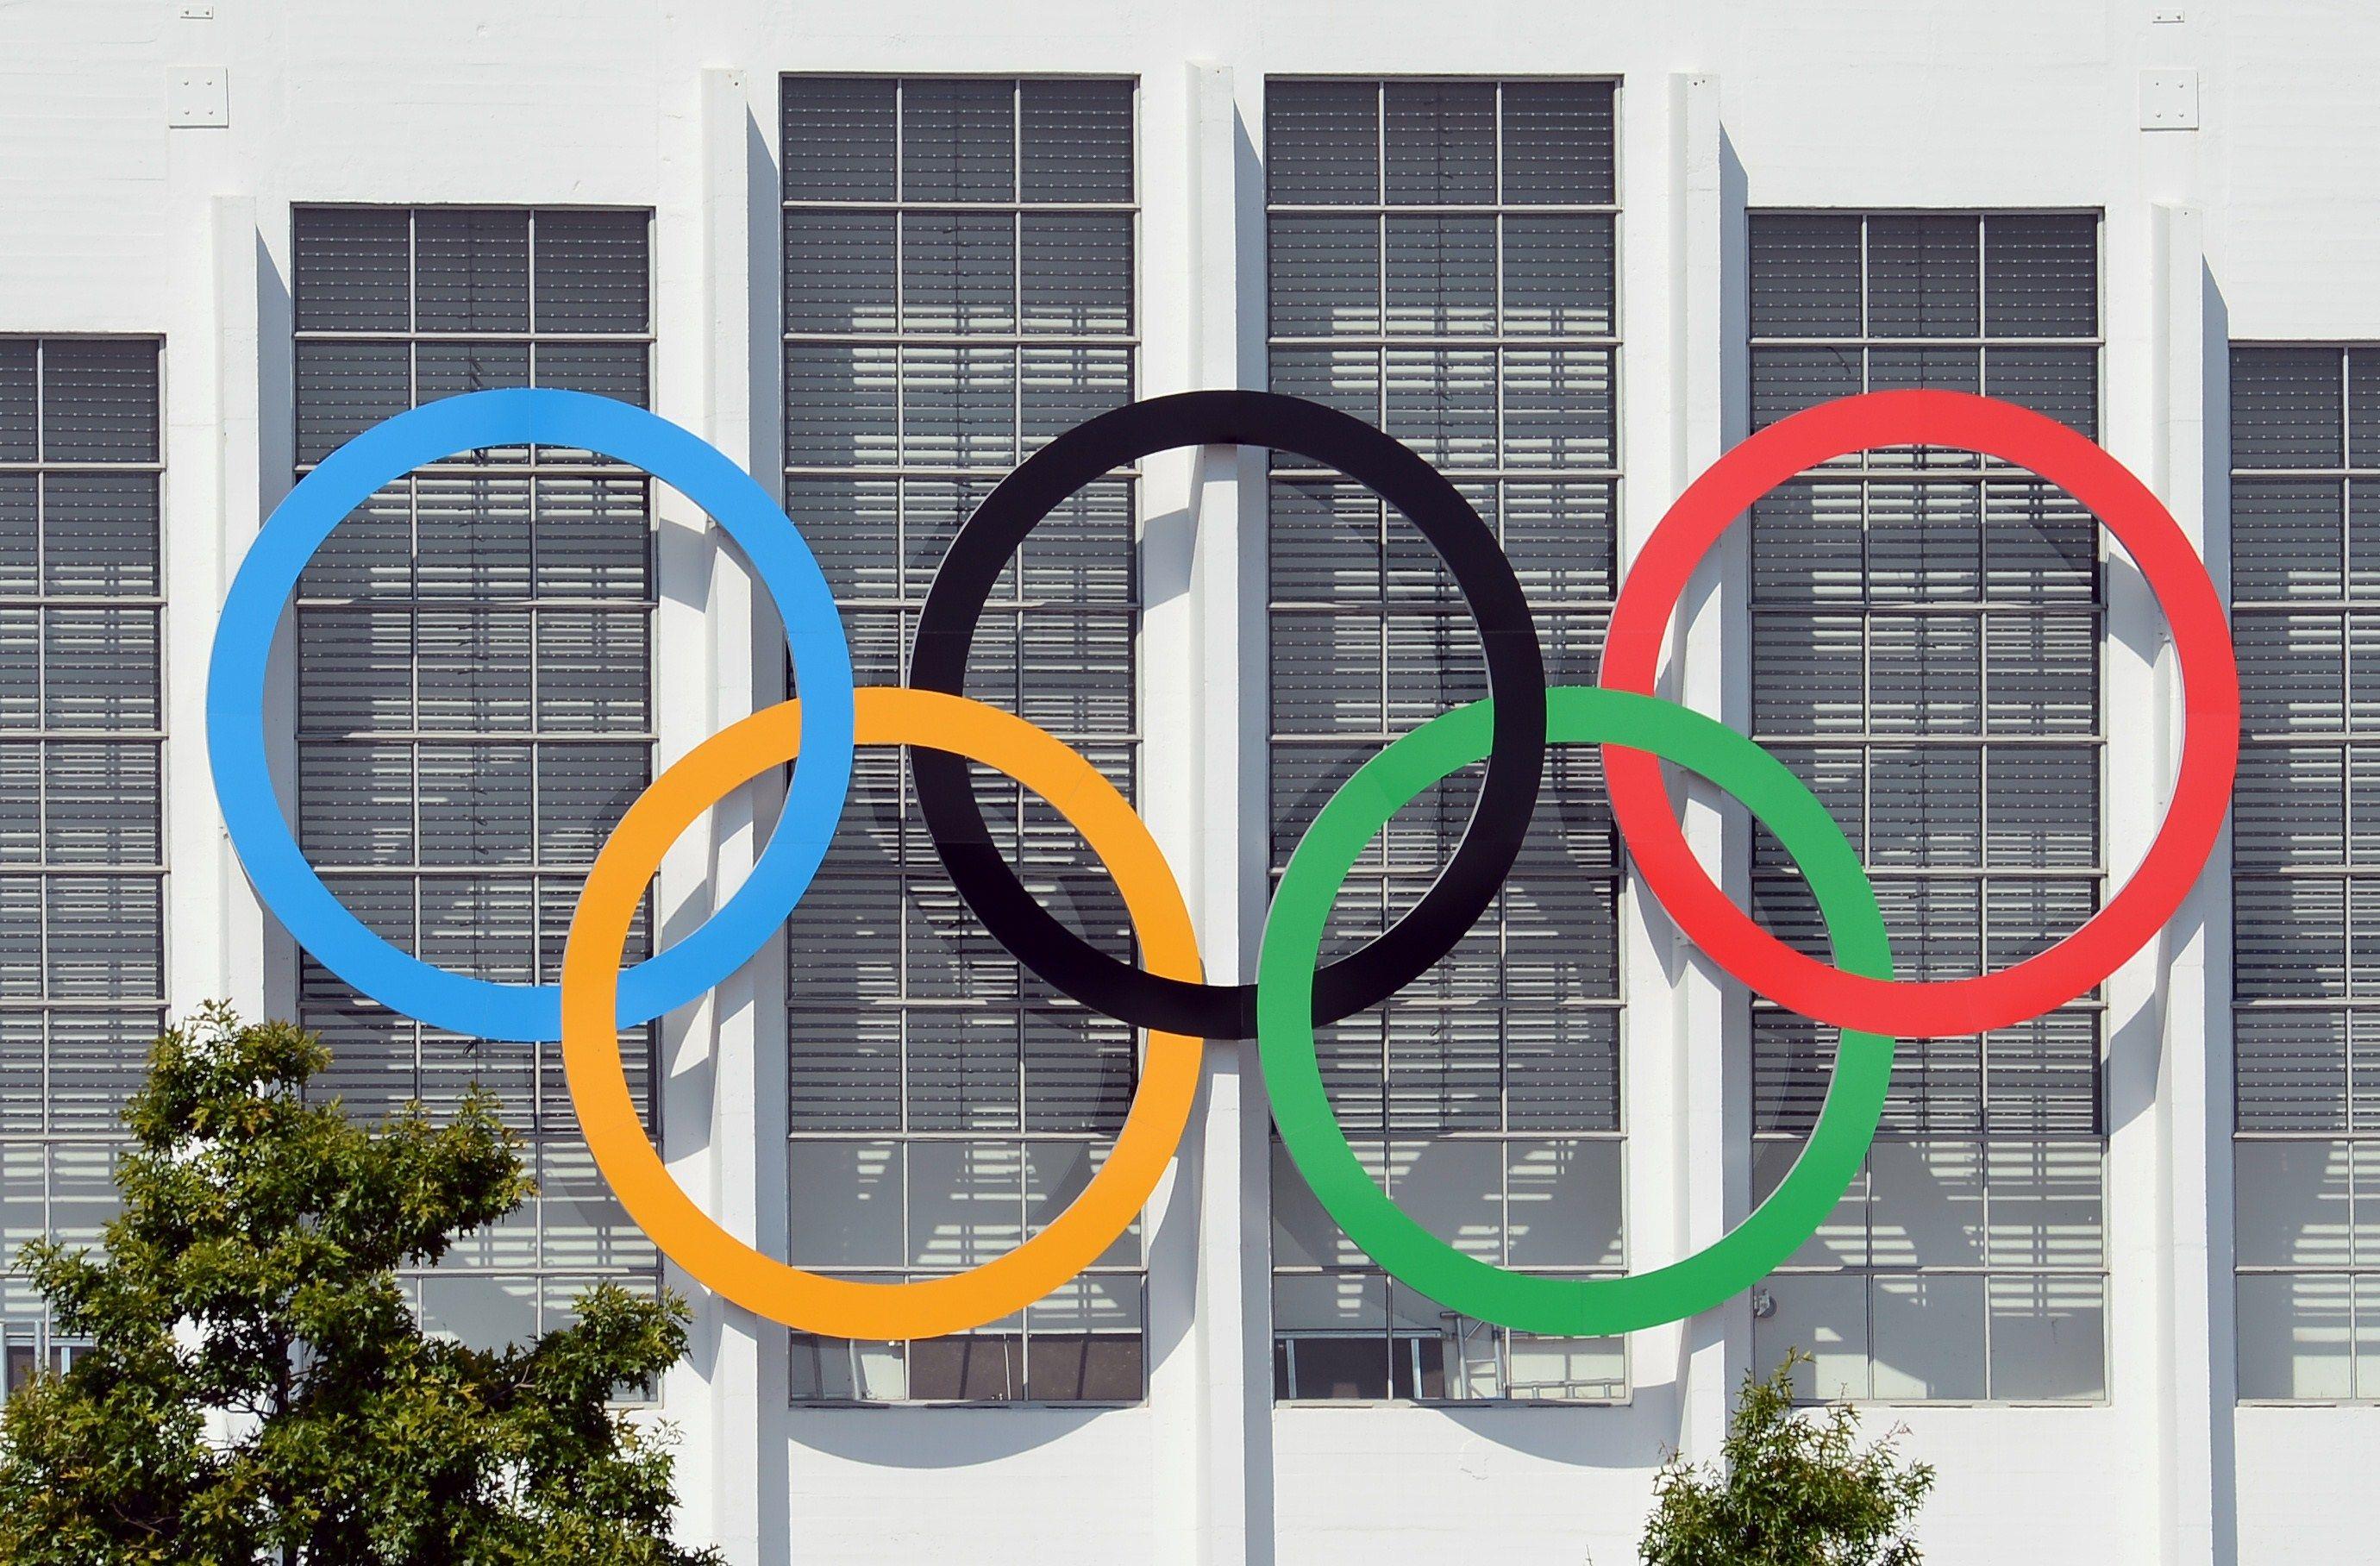 Acusan de corrupción al presidente del Comité Olímpico Japonés